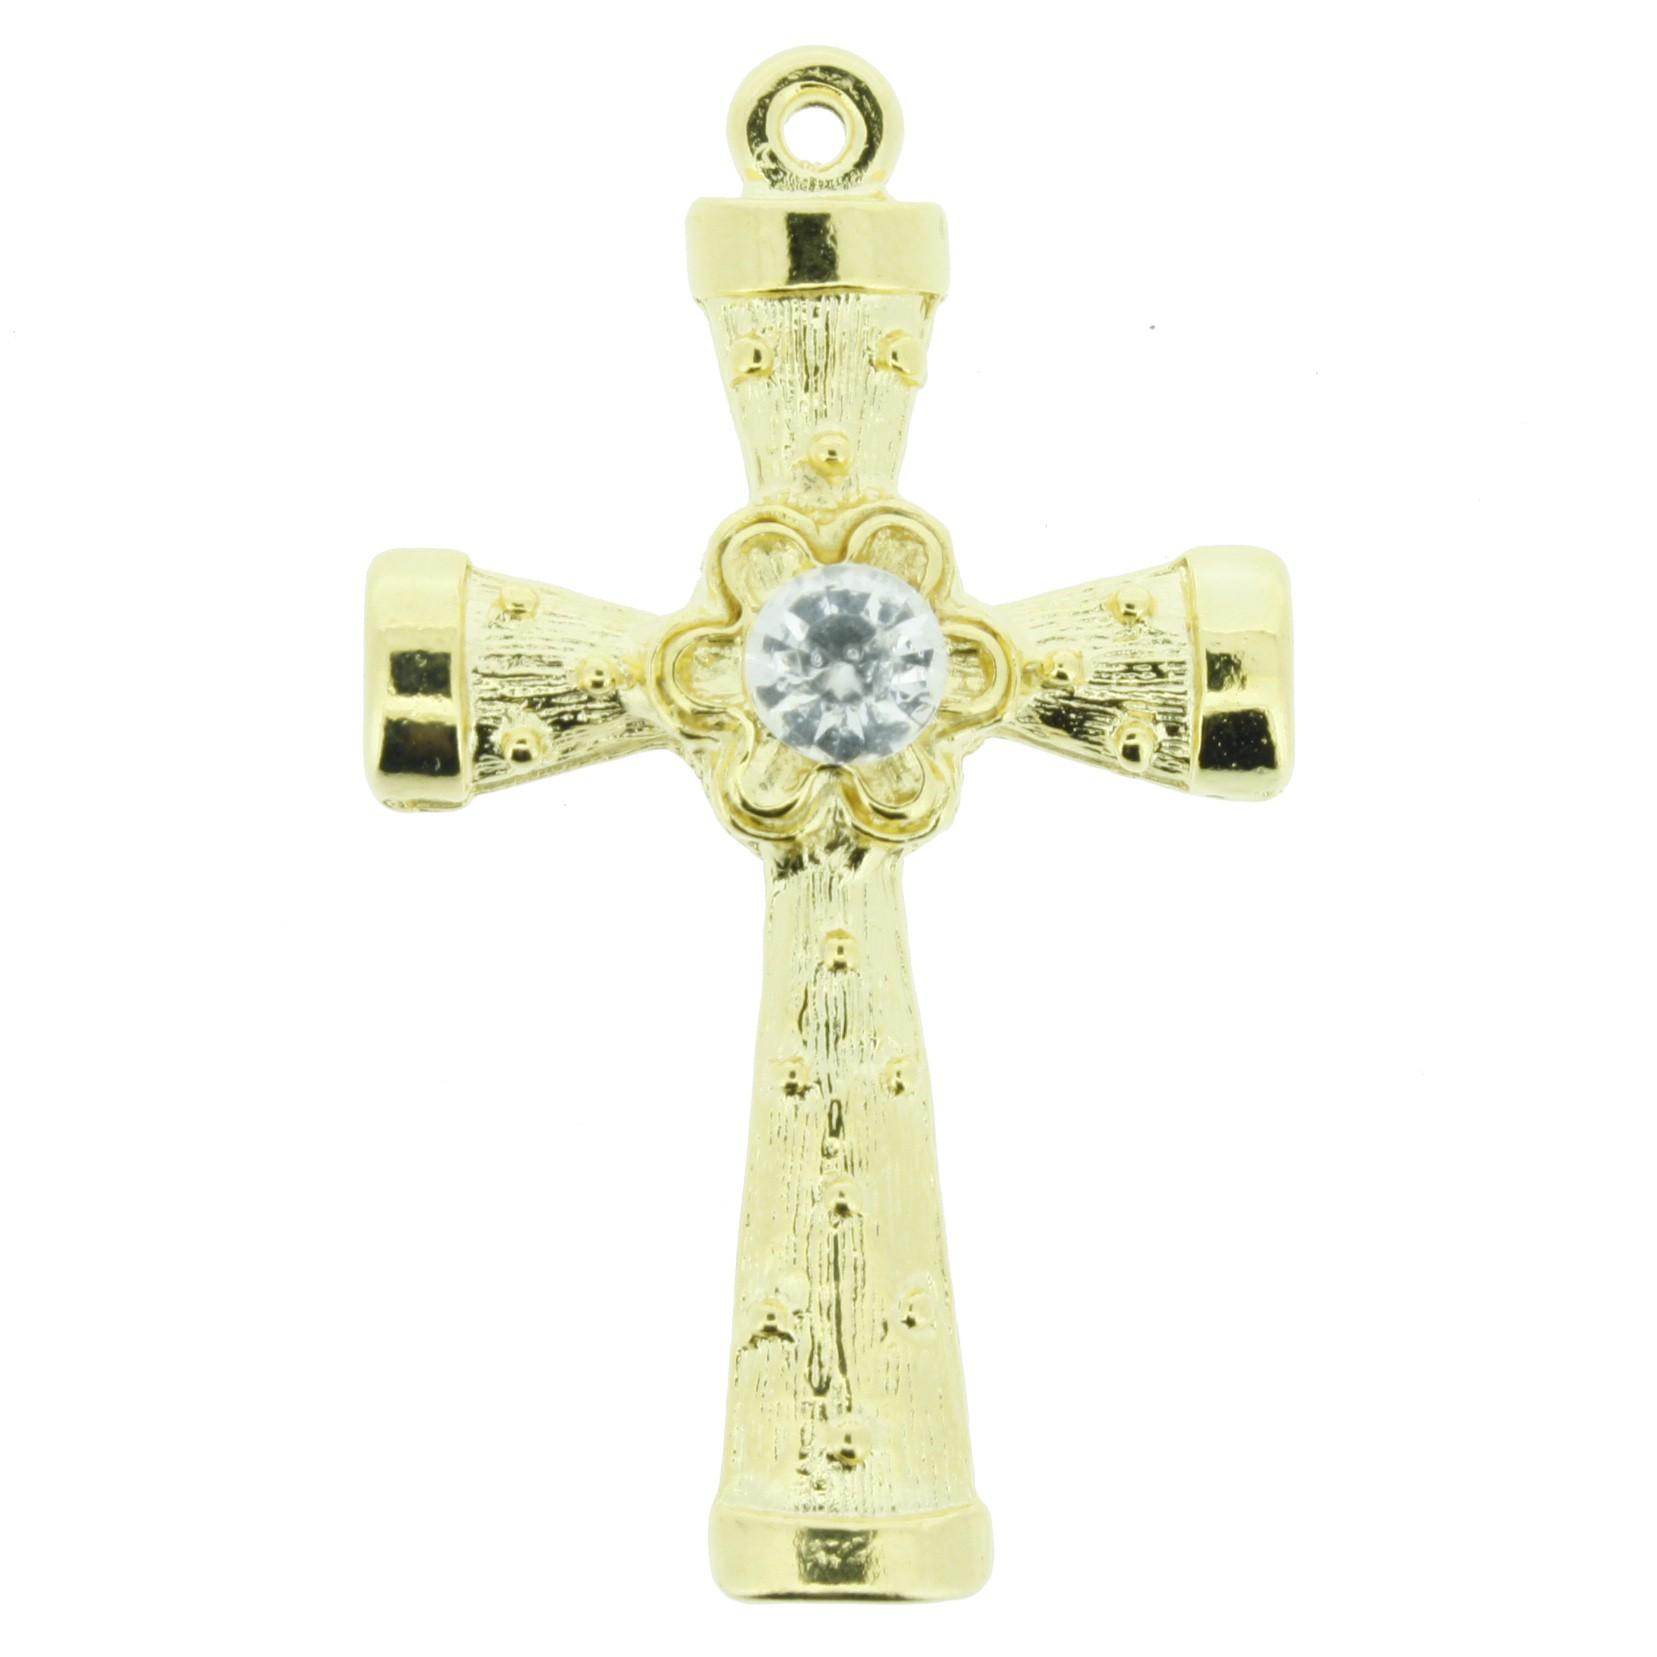 Crucifixo Metal - Dourado com Strass - 48mm  - Universo Religioso® - Artigos de Umbanda e Candomblé